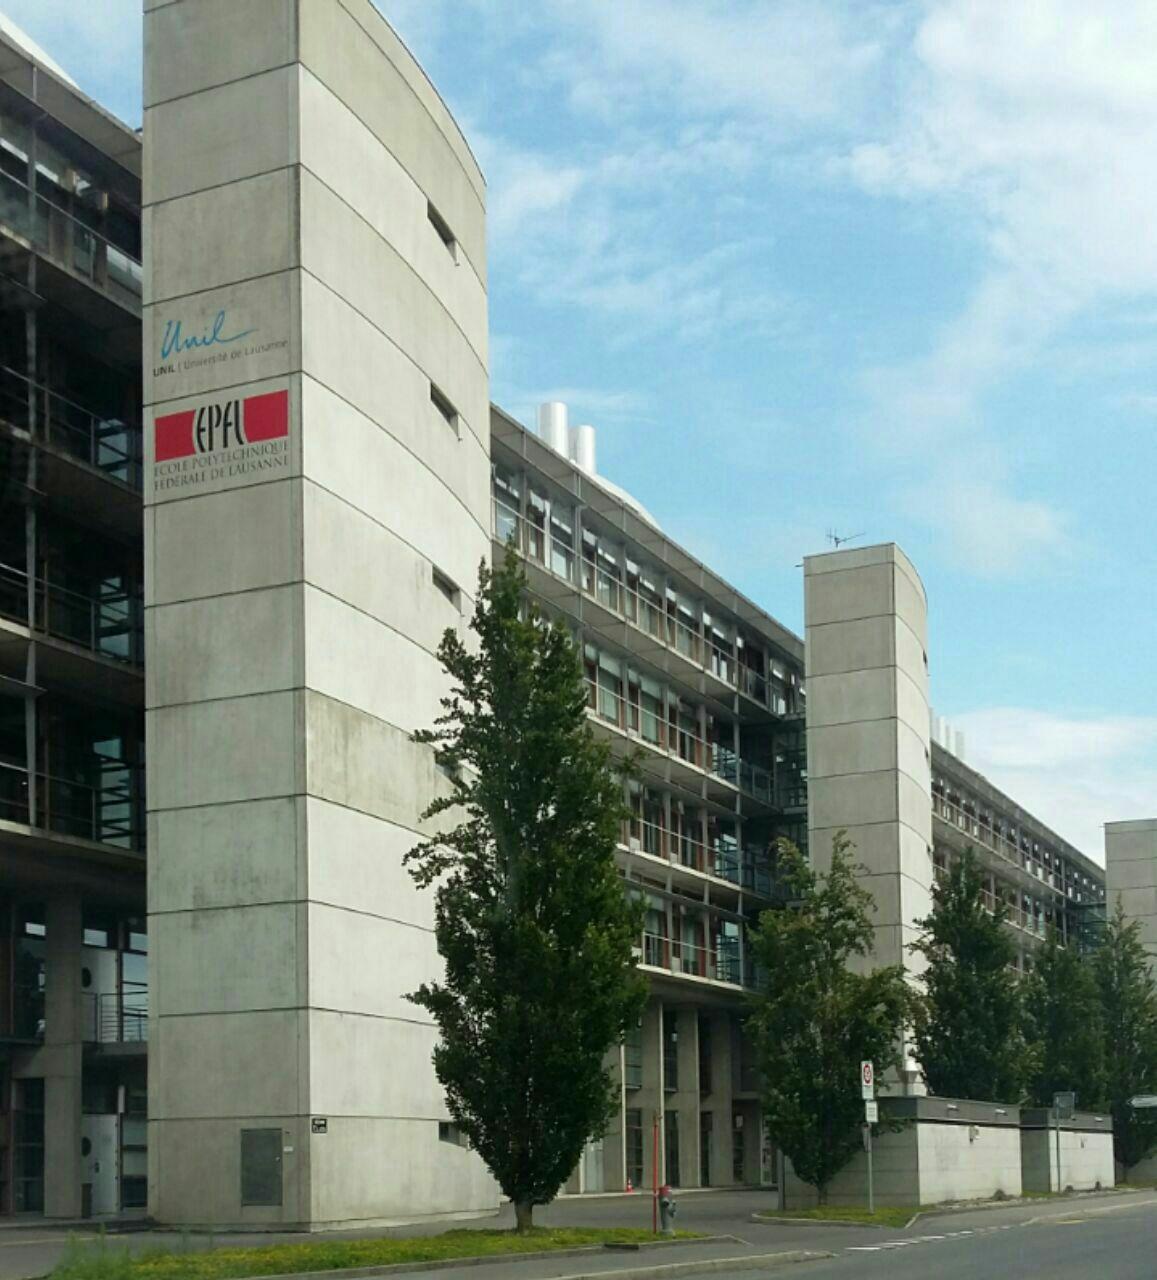 دانشگاه ای پی اف ال سوئیس